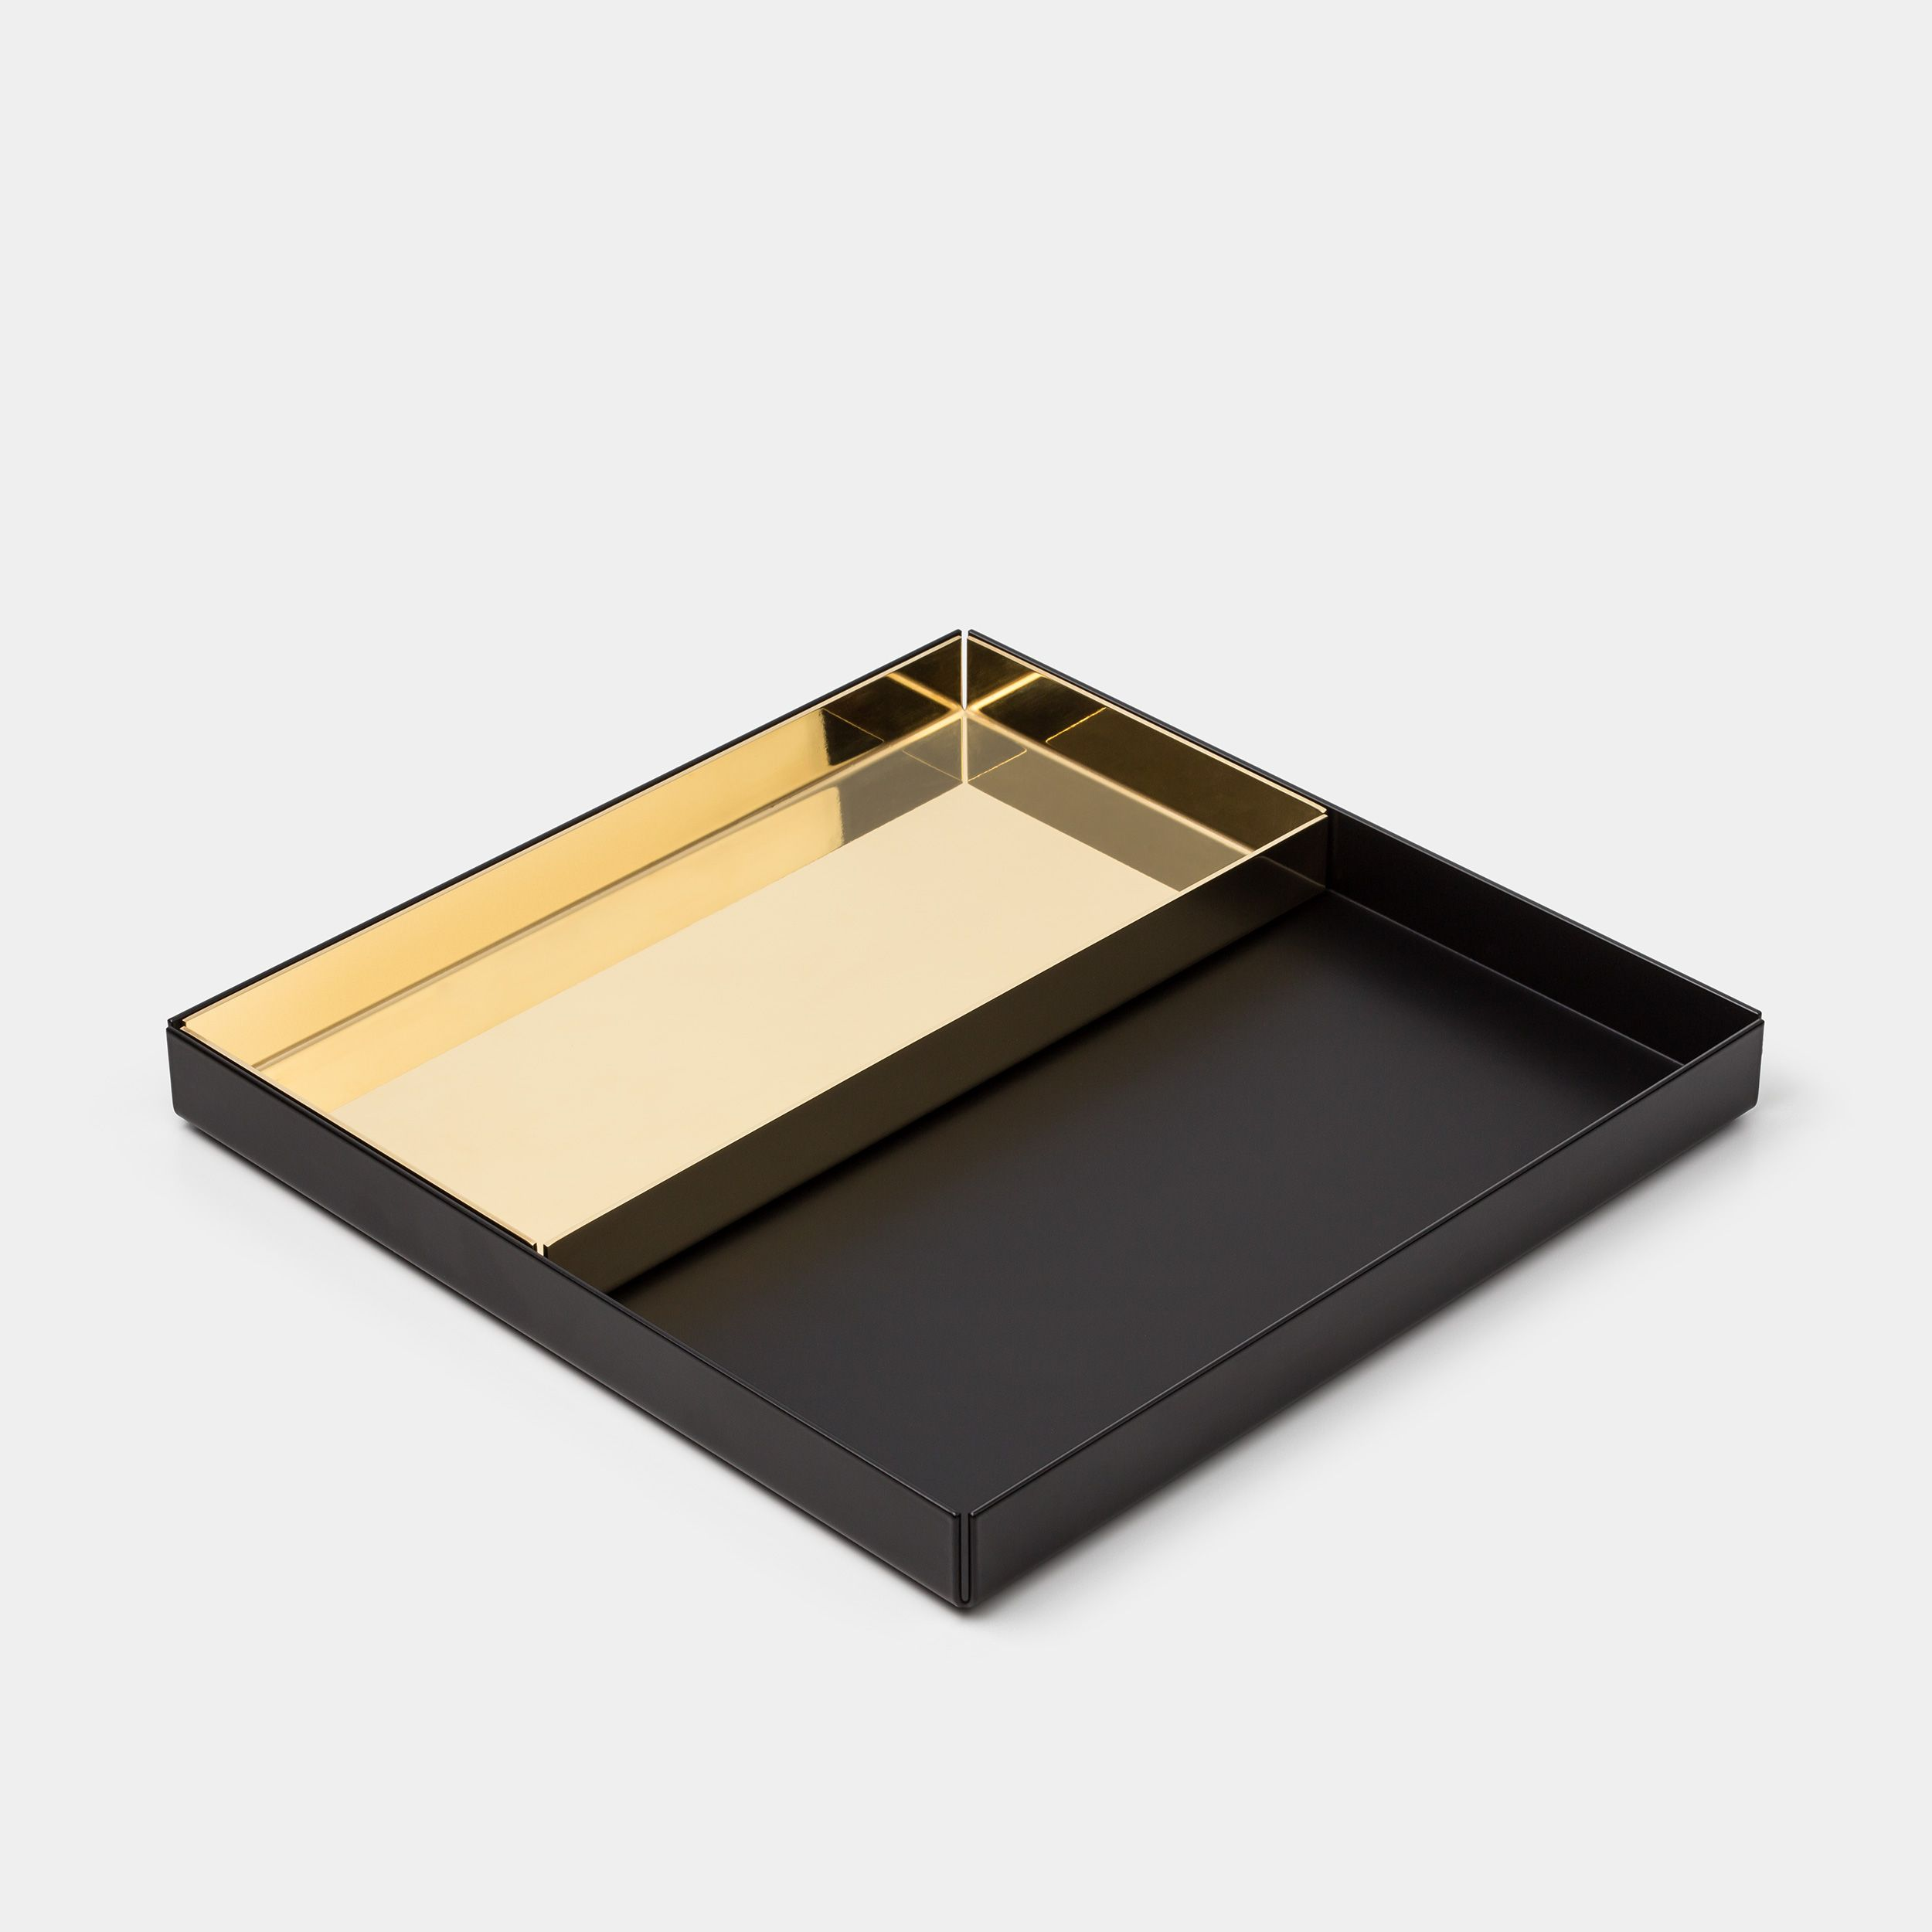 E ito tray decor style pinterest tray tray decor and objects